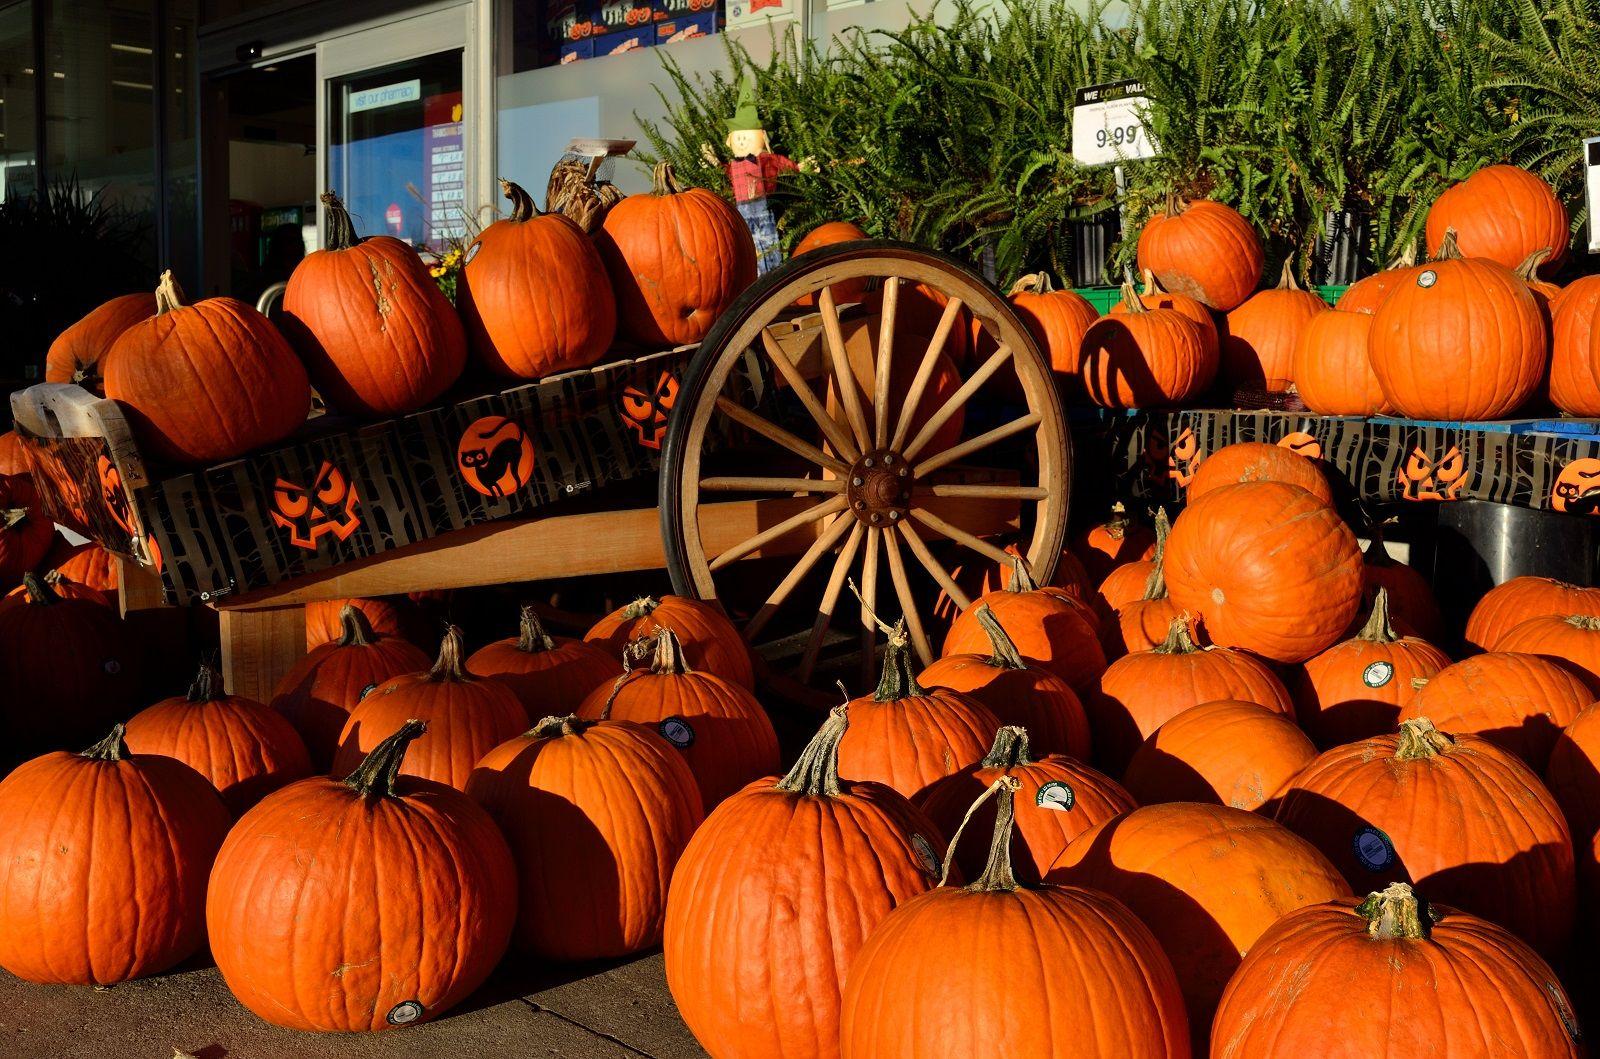 5 modi creativi e originali per decorare le zucche di Halloween